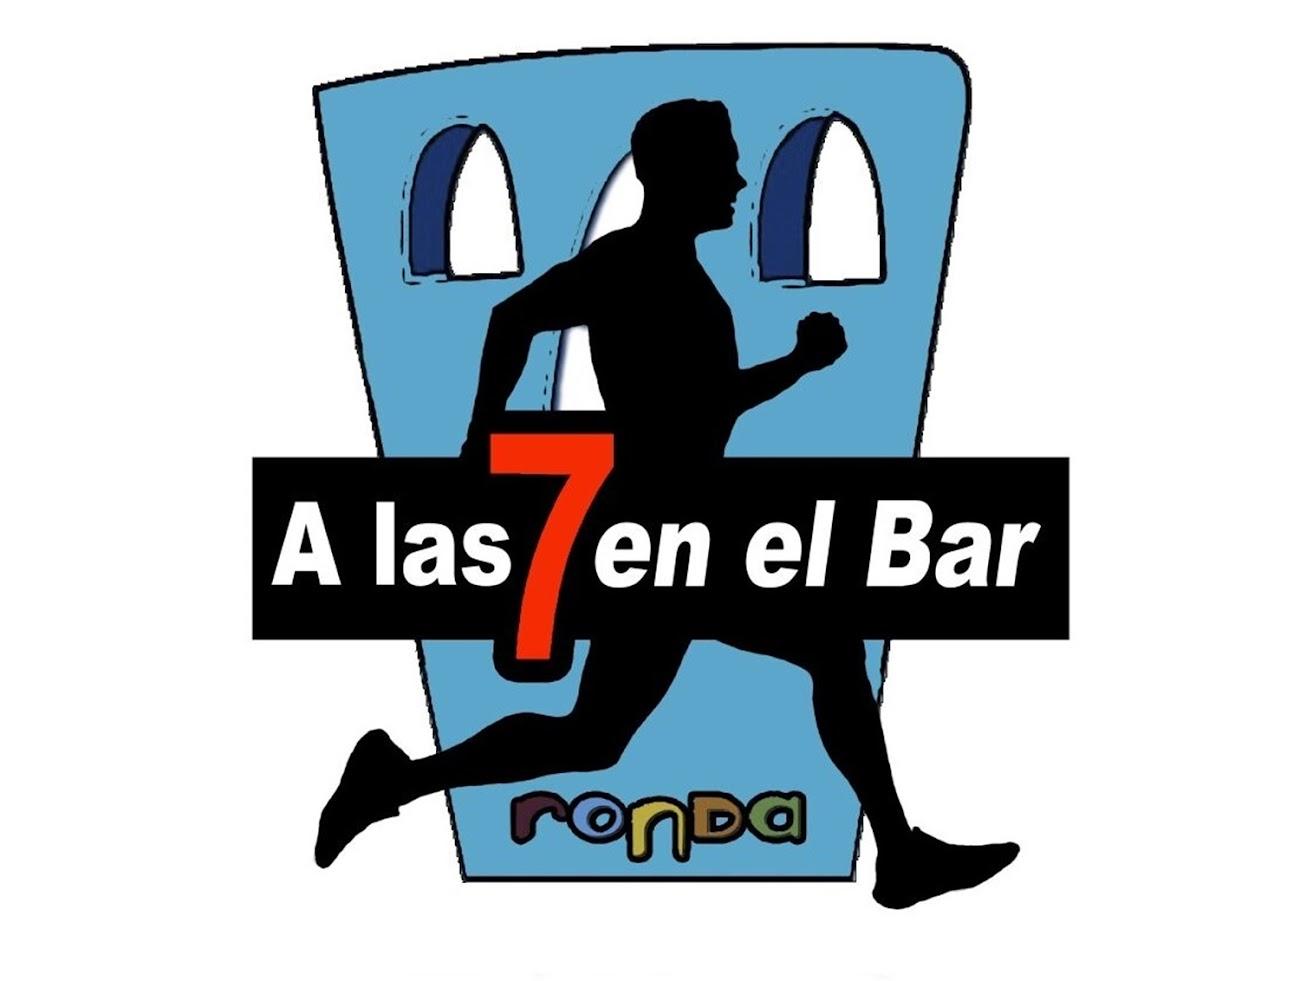 A las 7 en el bar